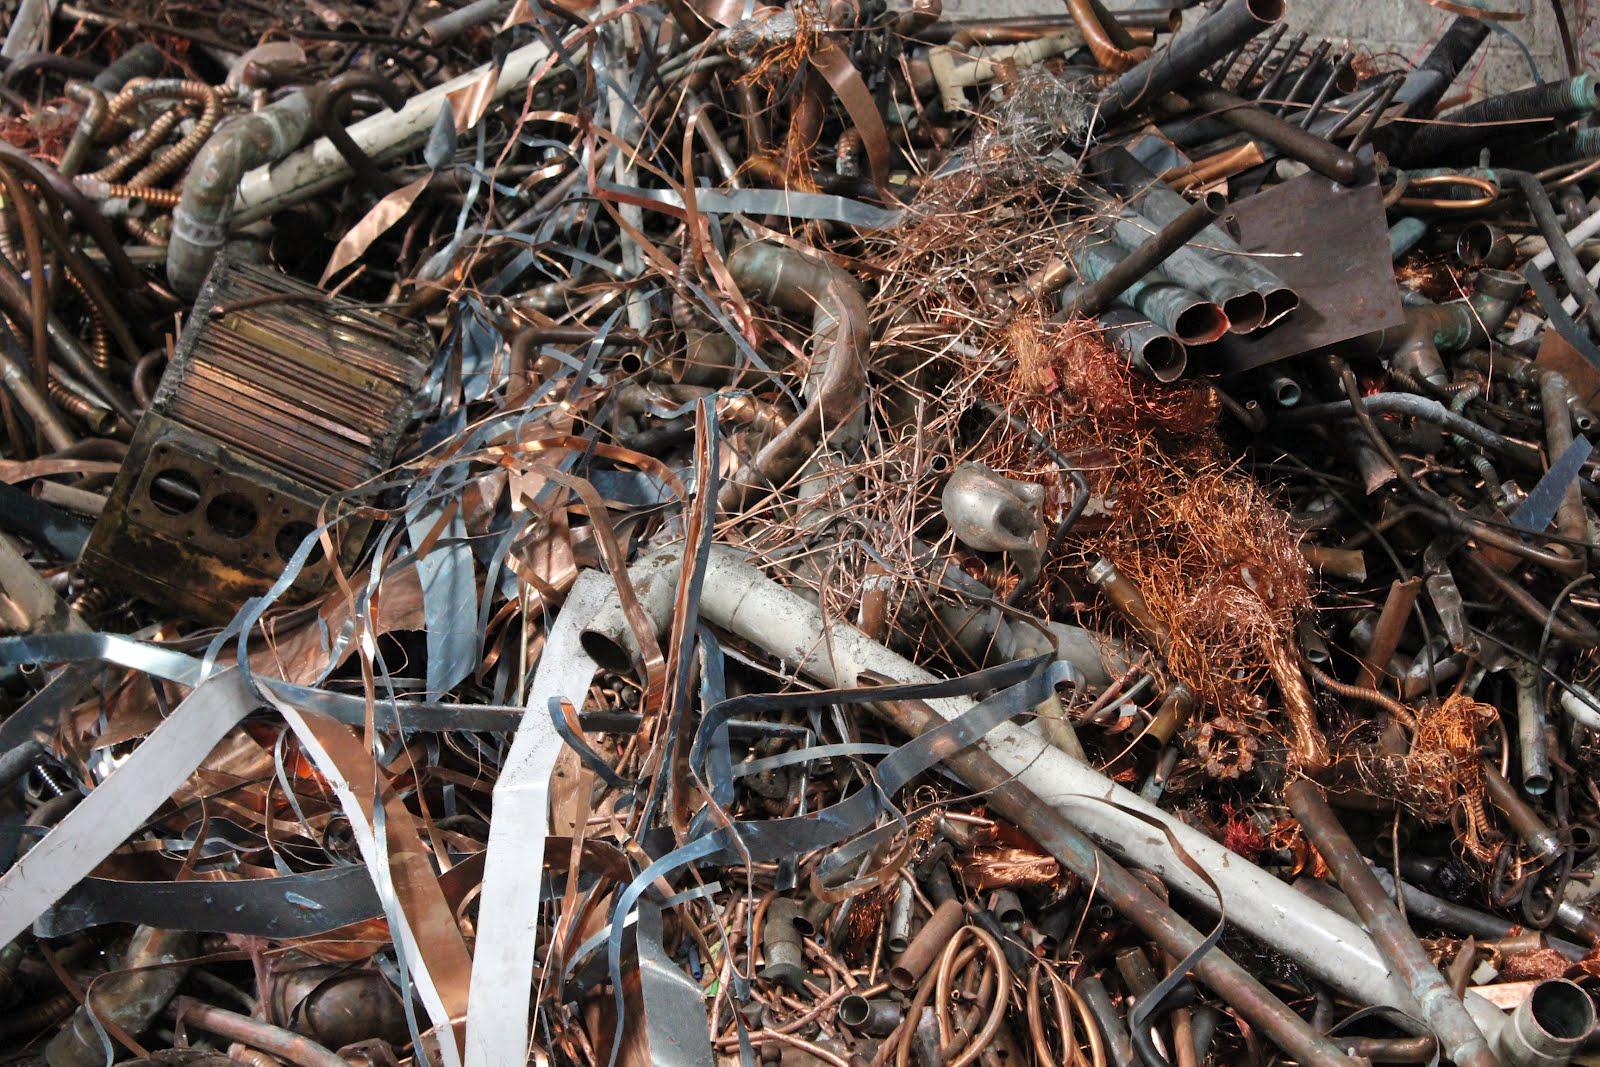 Buy and sell scrap Uganda Copper